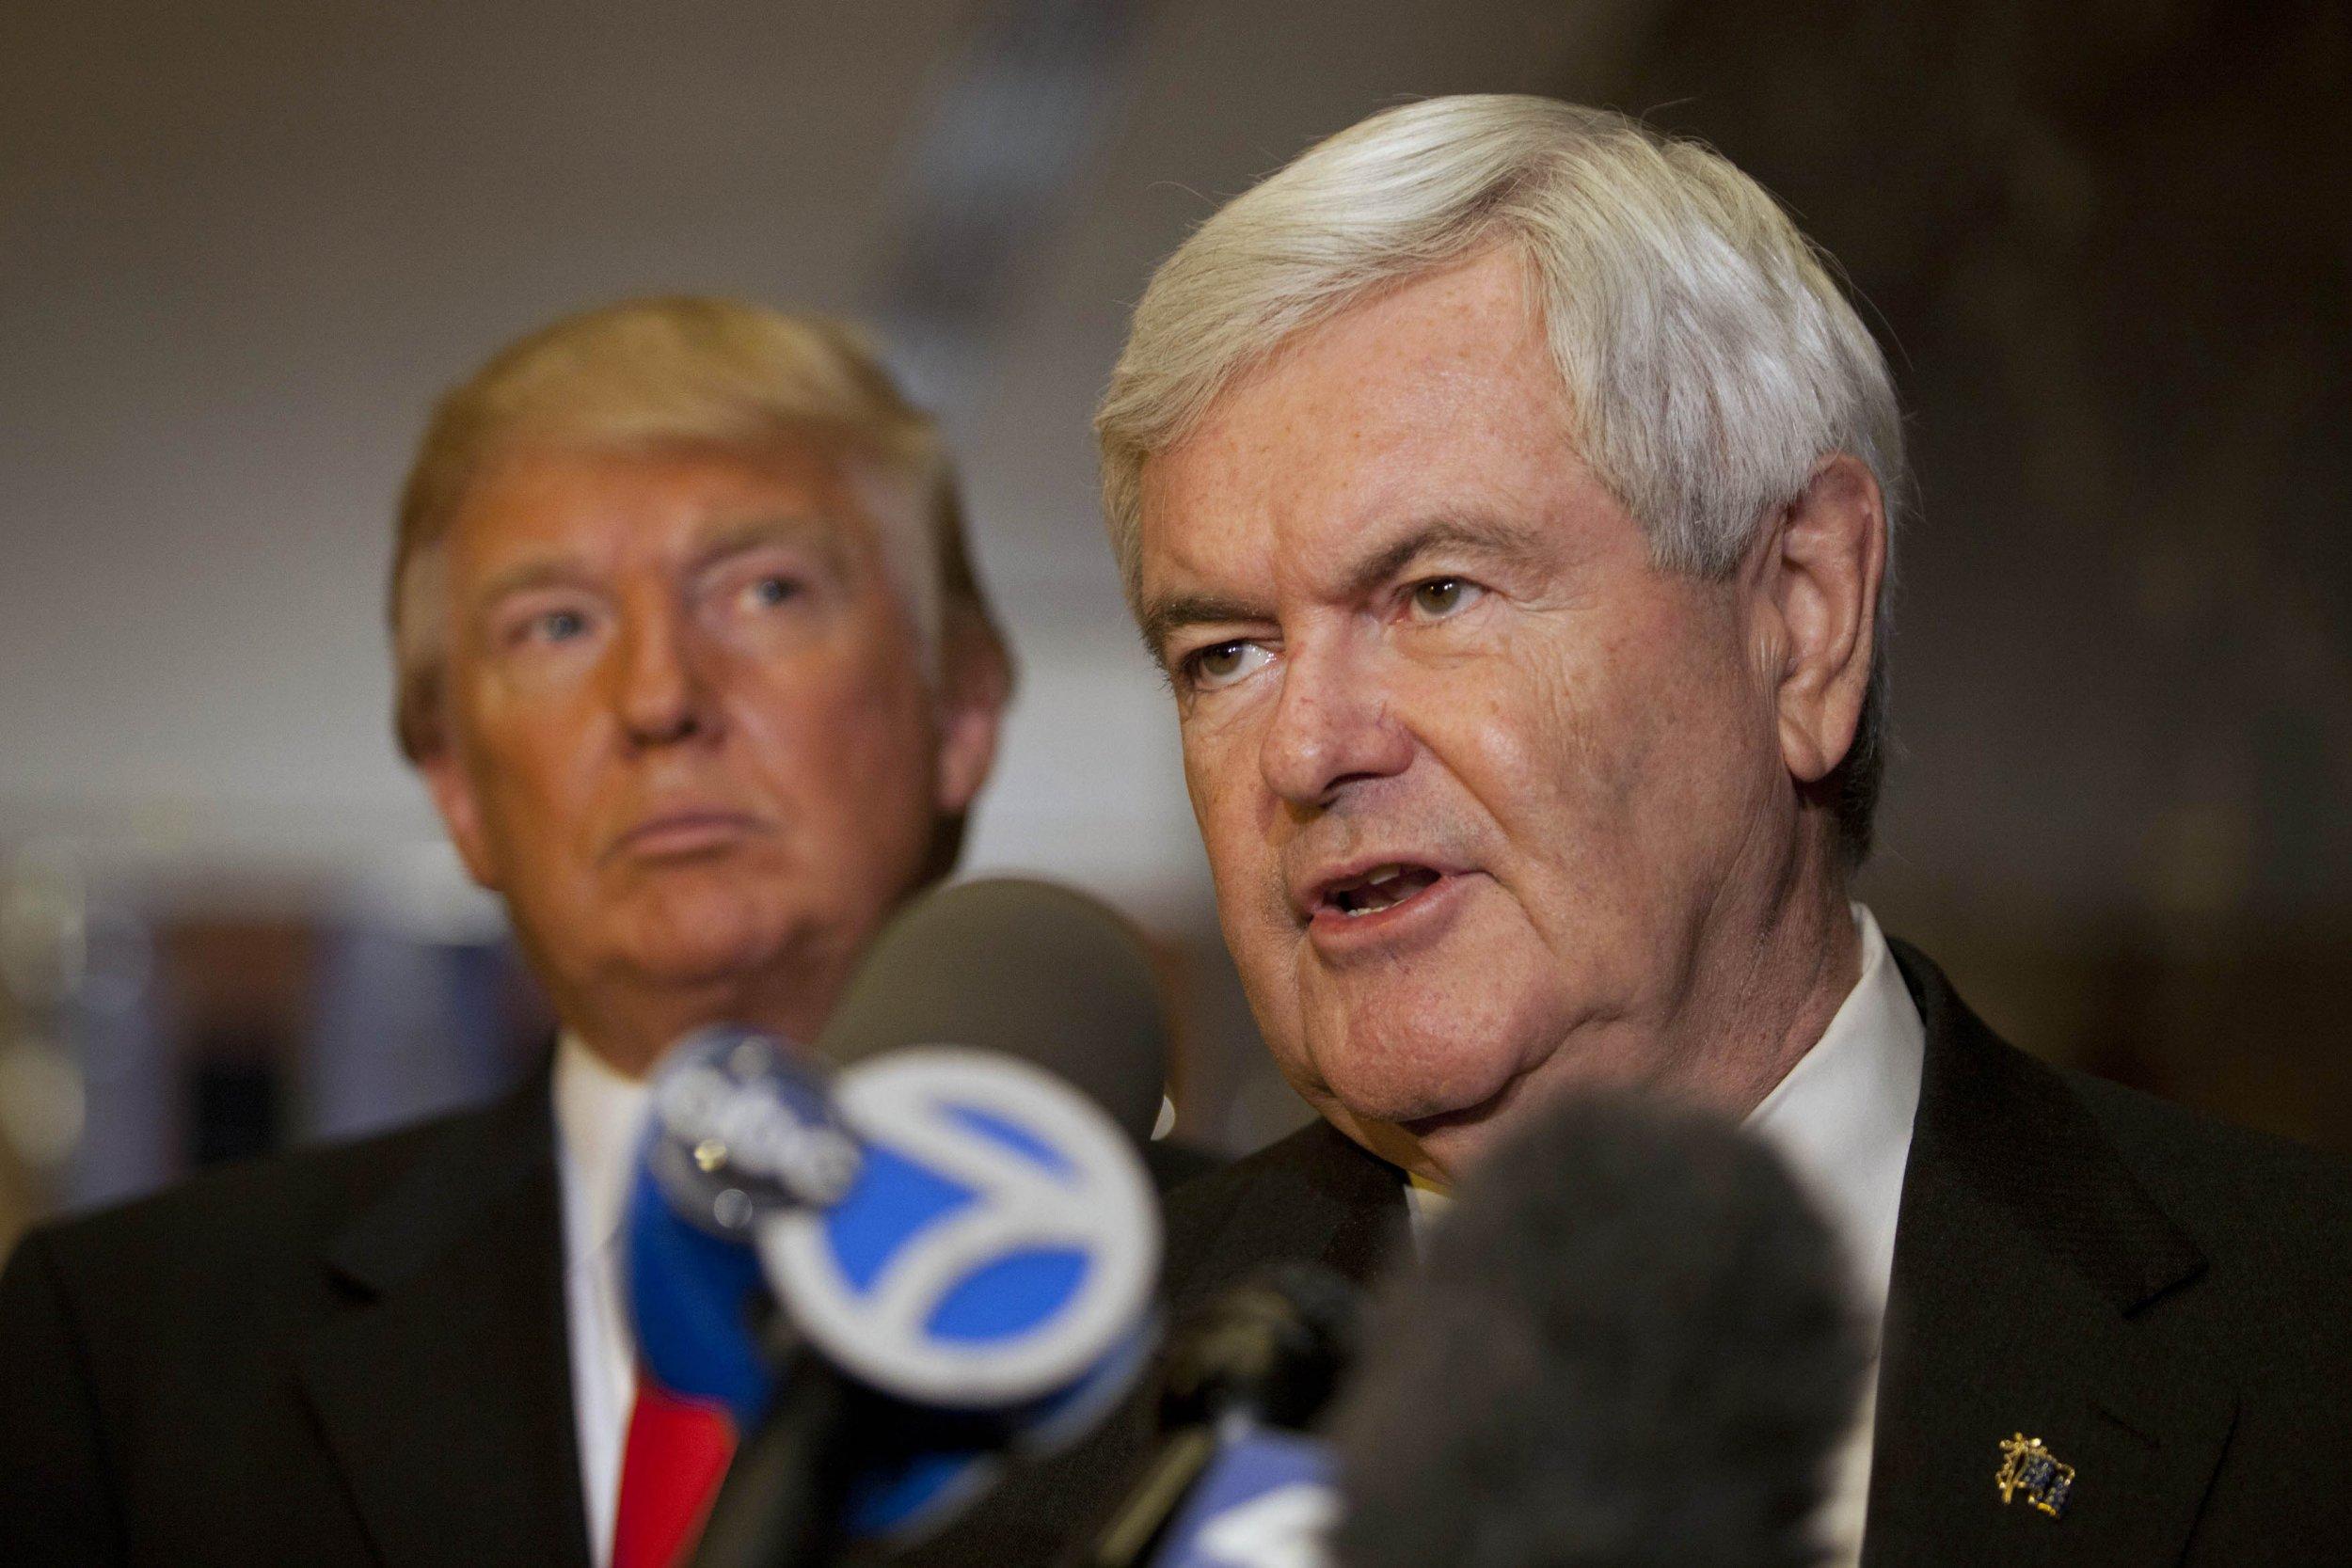 06_14_Trump_Gingrich_01